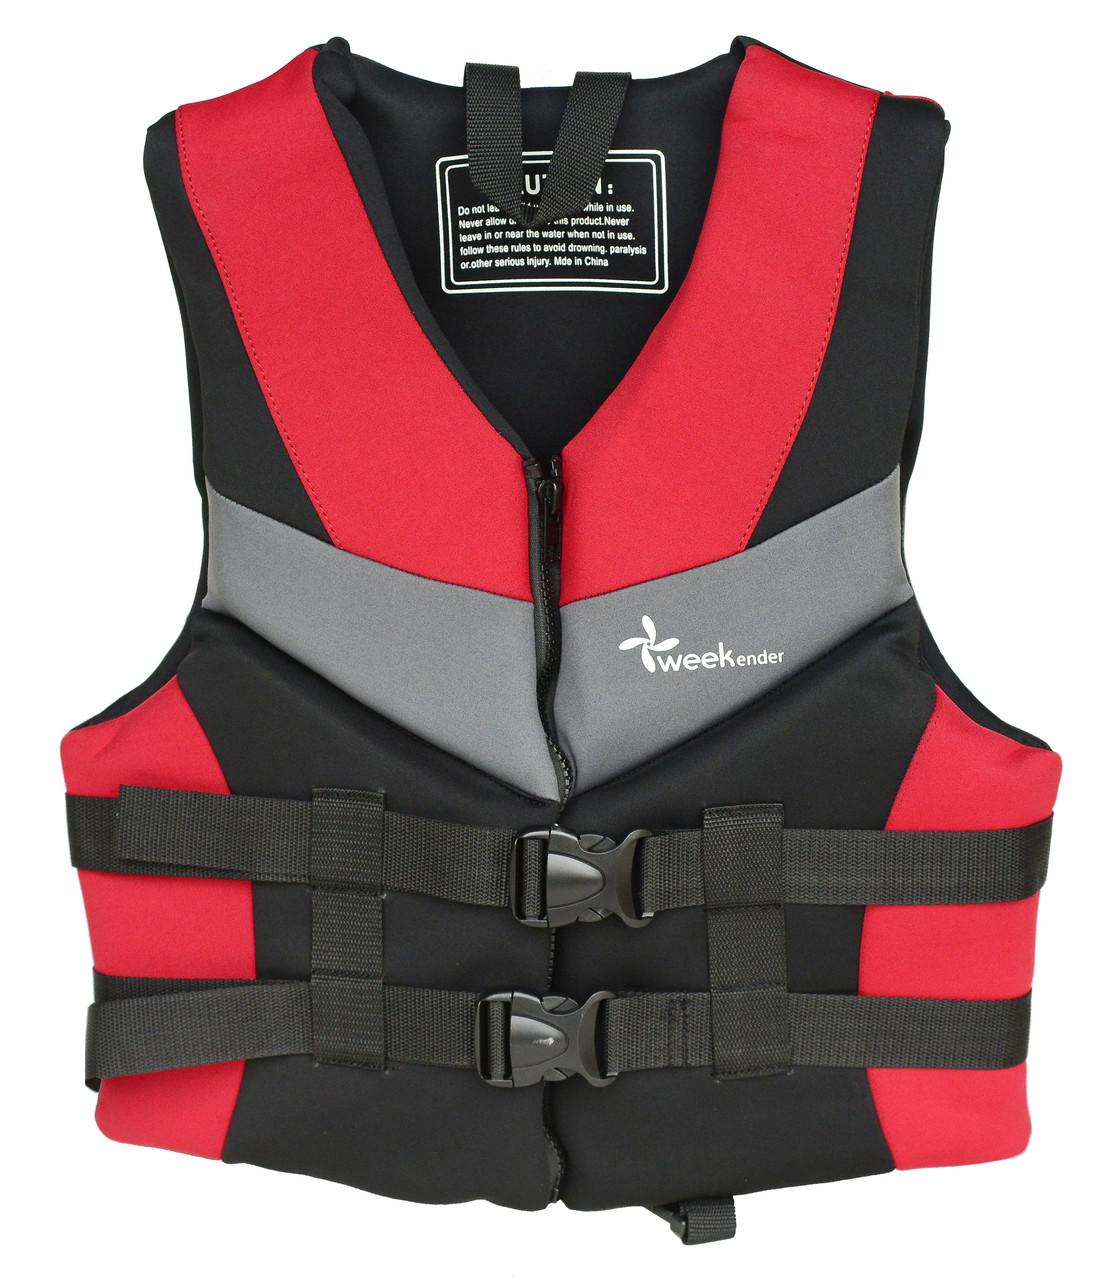 Спасательный жилет водный S неопрен YW1102 для лодки, катера, яхты